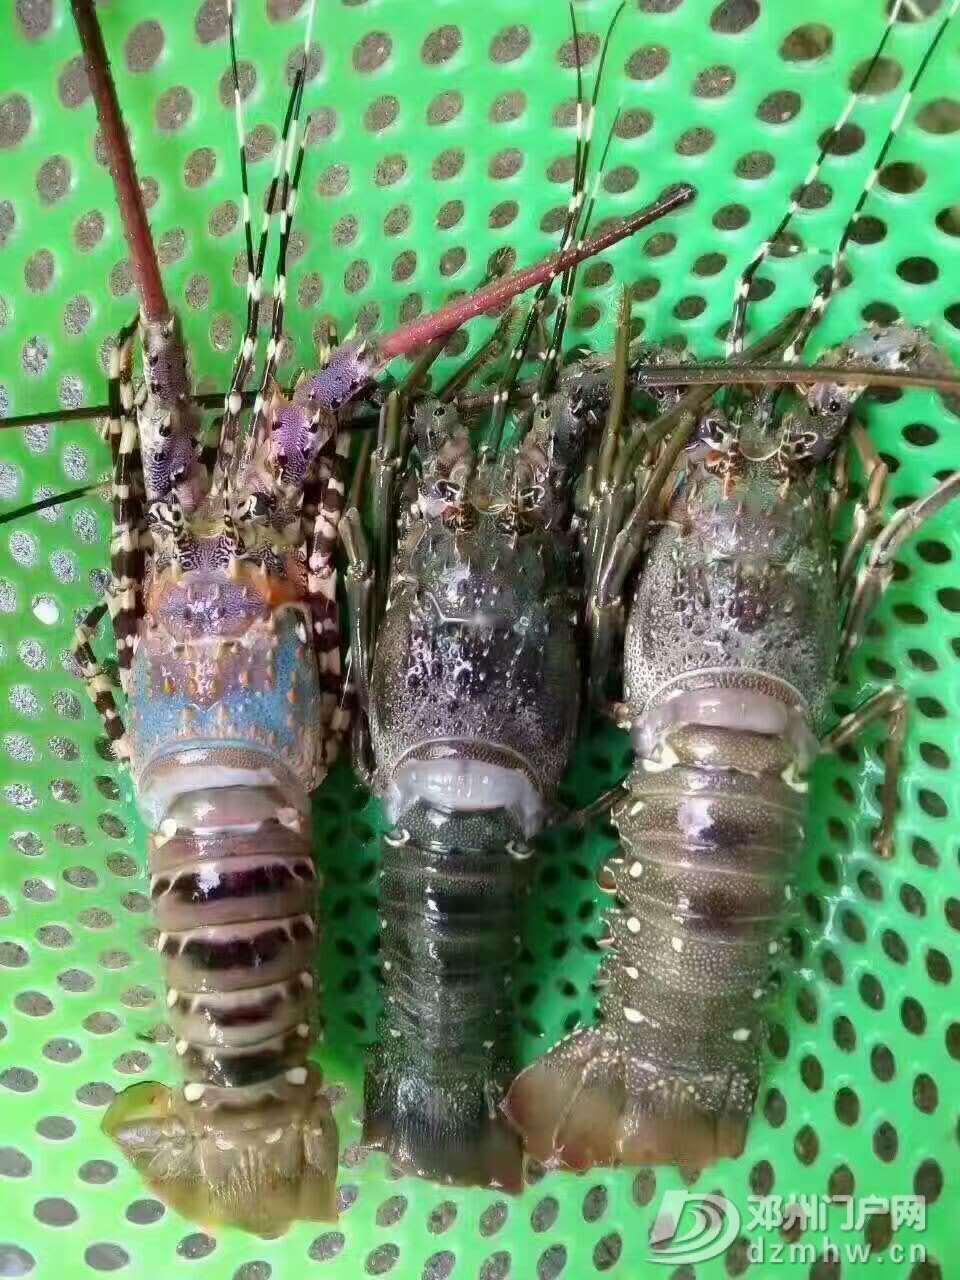 出售野生海鲜,各种天然鱼虾蟹都有 - 邓州门户网|邓州网 - 微信图片_20170618223857.jpg